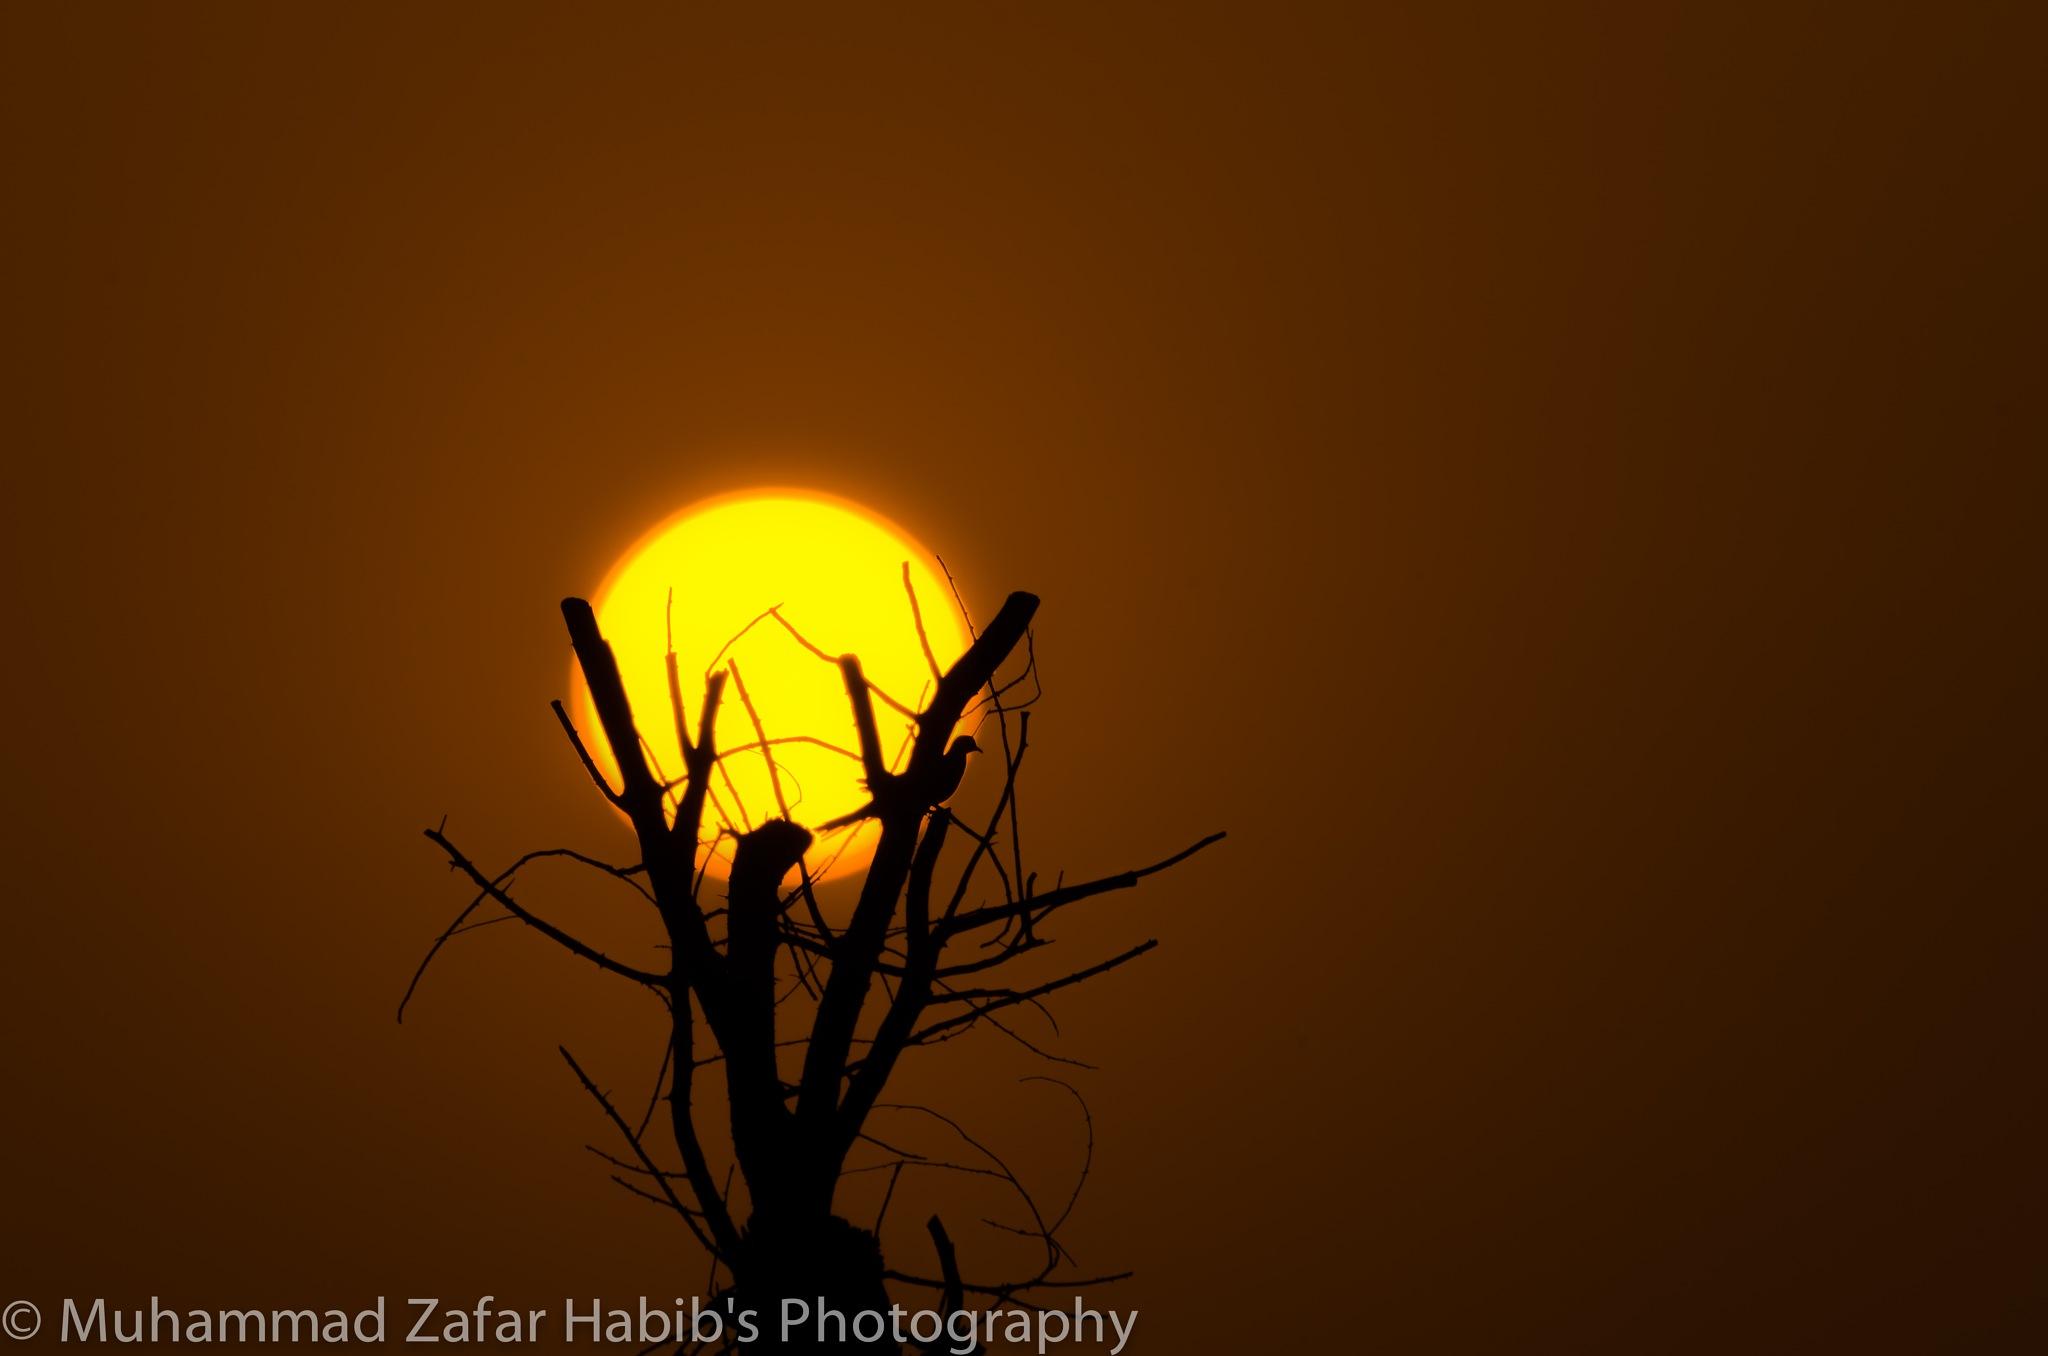 Untitled by Muhammad Zafar Habib